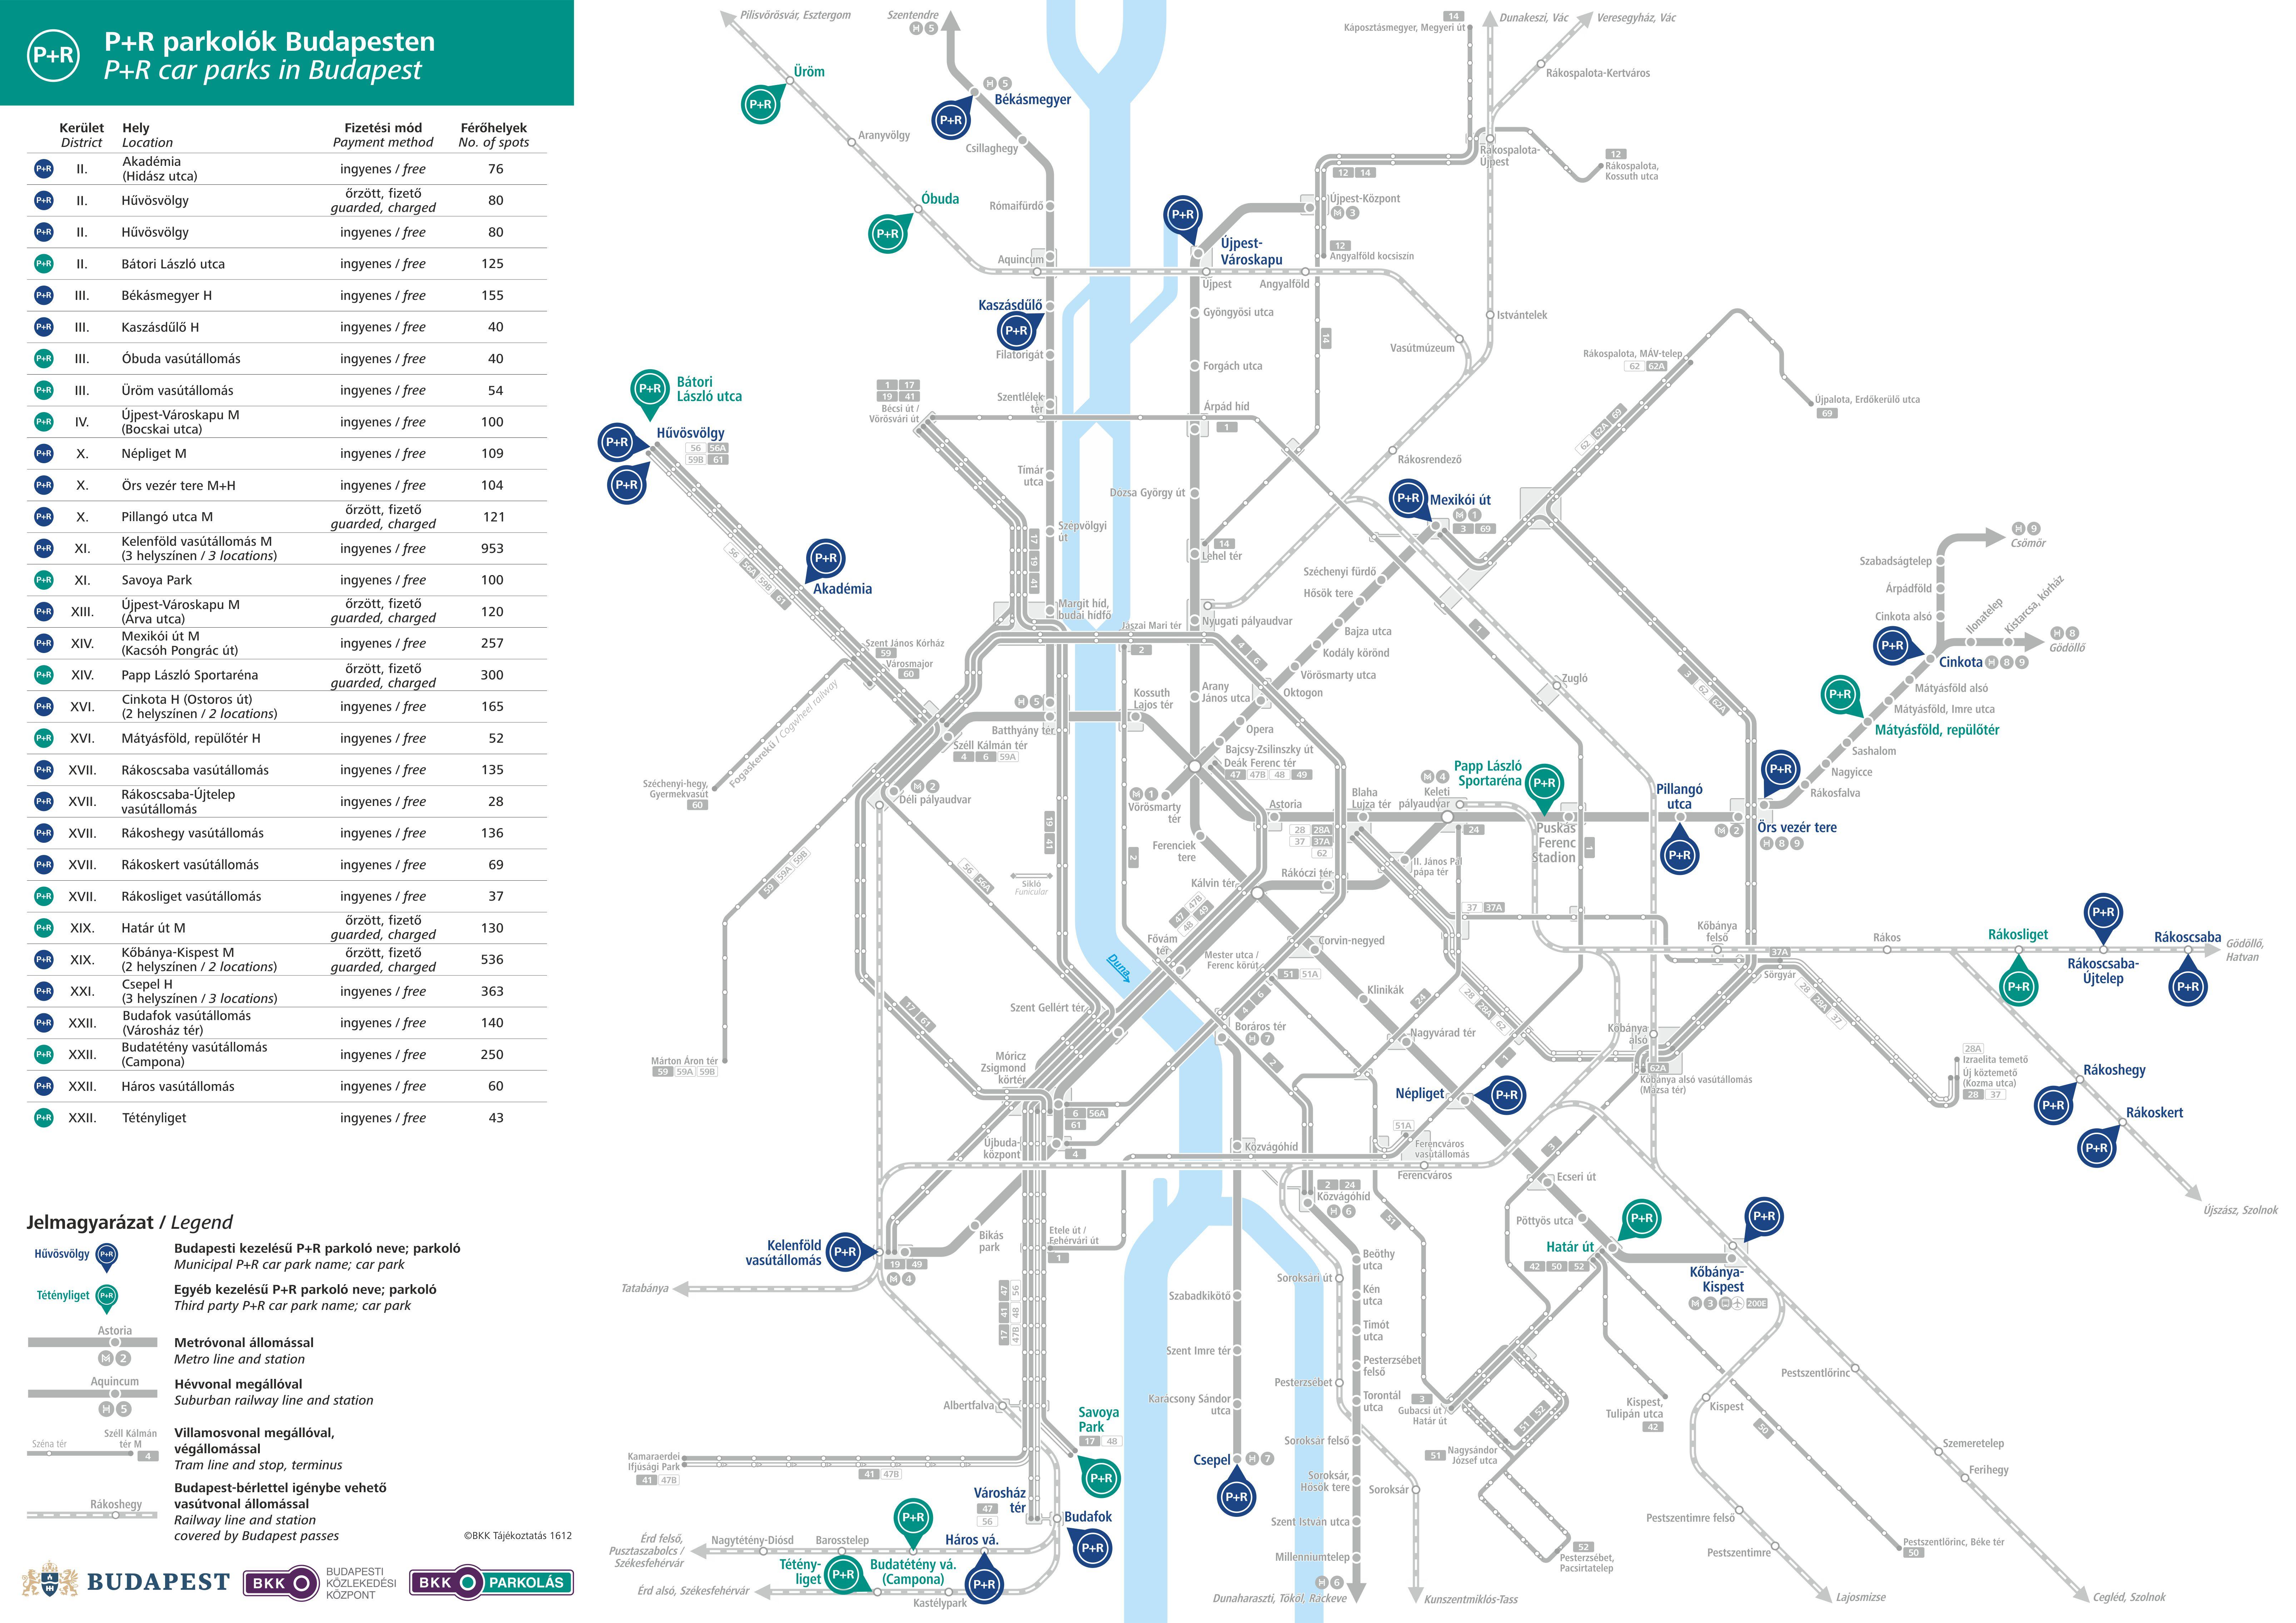 parkolóház budapest térkép P+R parkolók Budapesten   Budapesti Közlekedési KözpontBudapesti  parkolóház budapest térkép